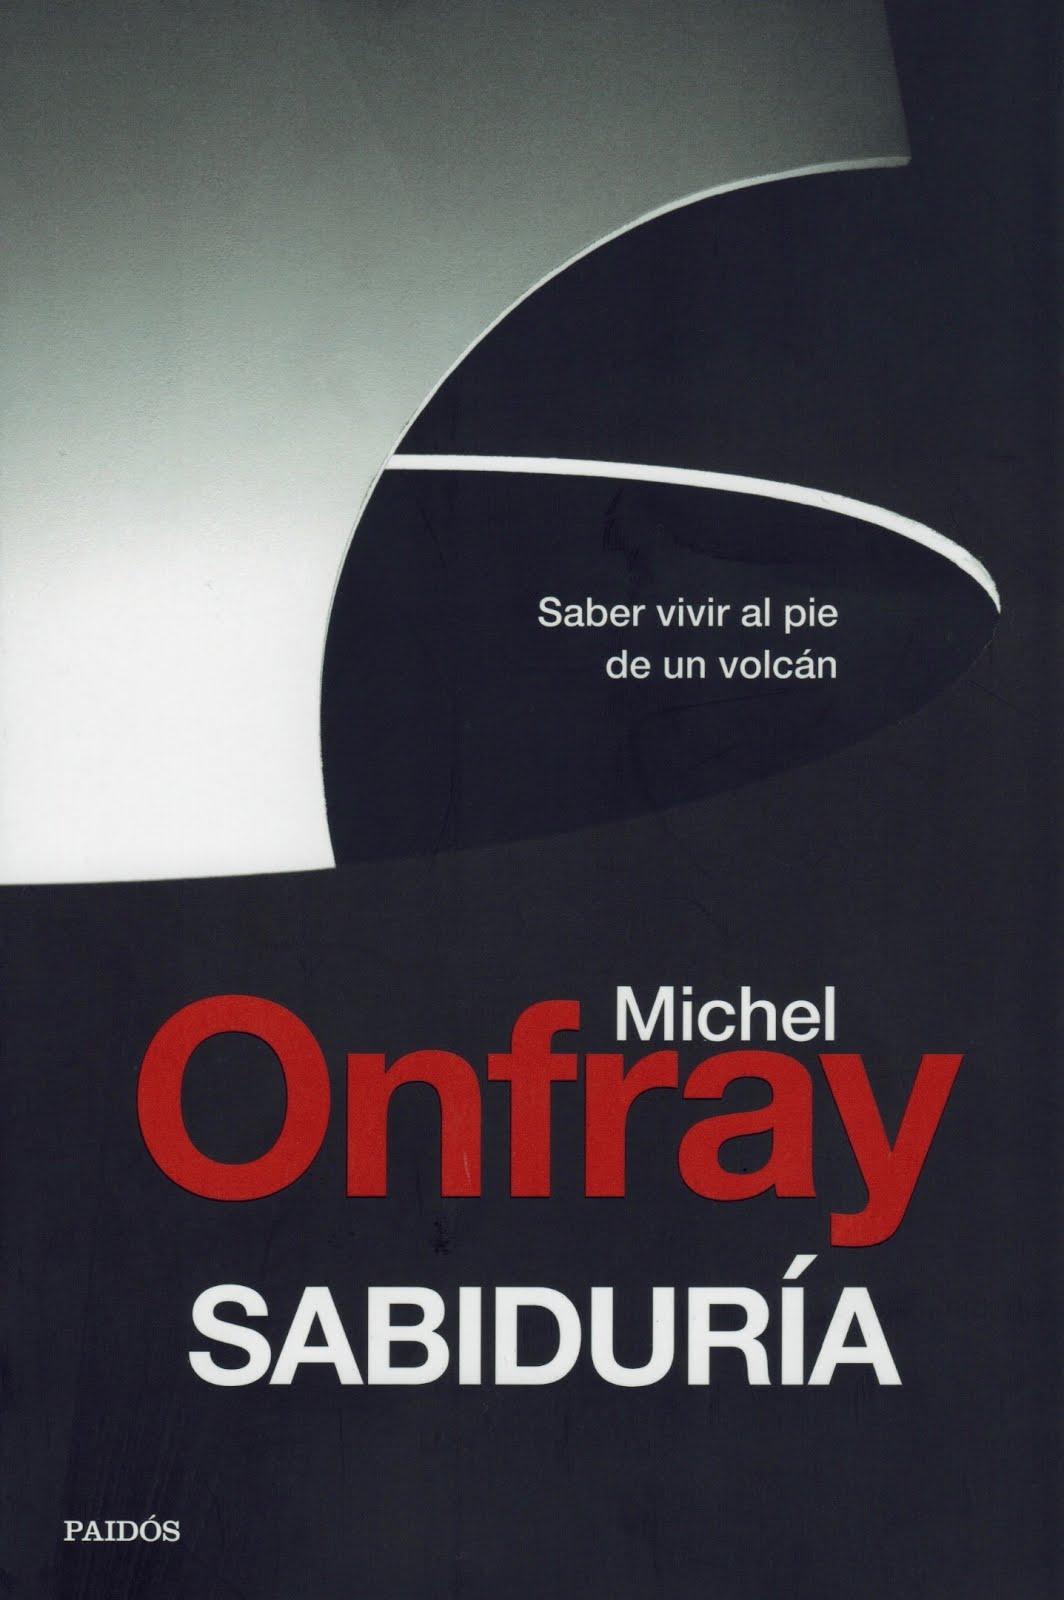 Michel Onfray (Sabiduría) Saber vivir al pie de un volcán